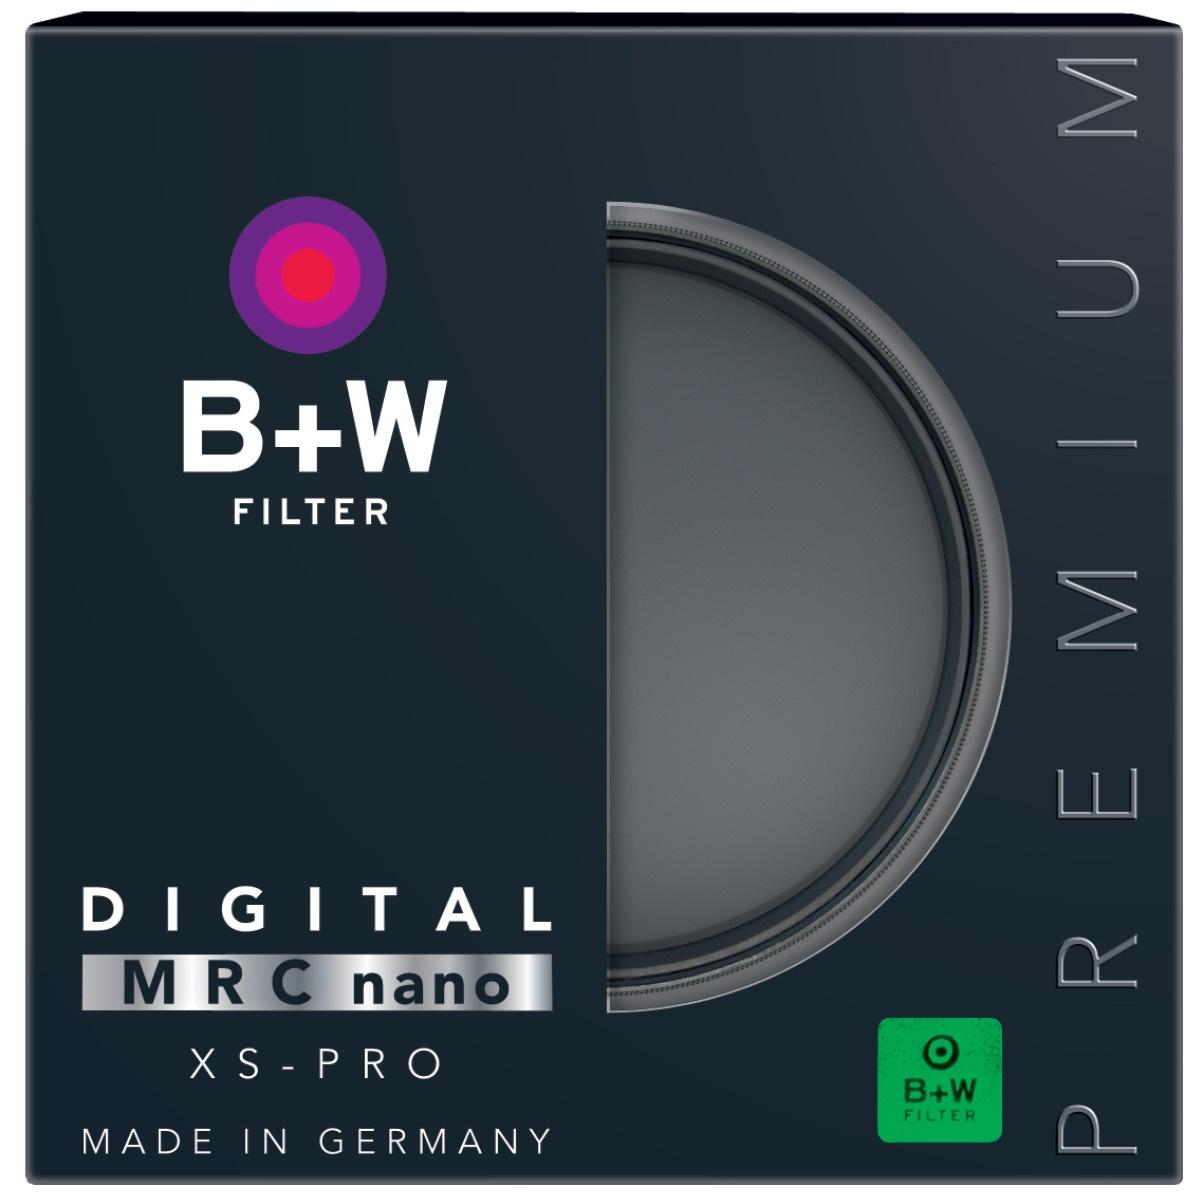 B+W Clear Filter 52 mm XS-Pro